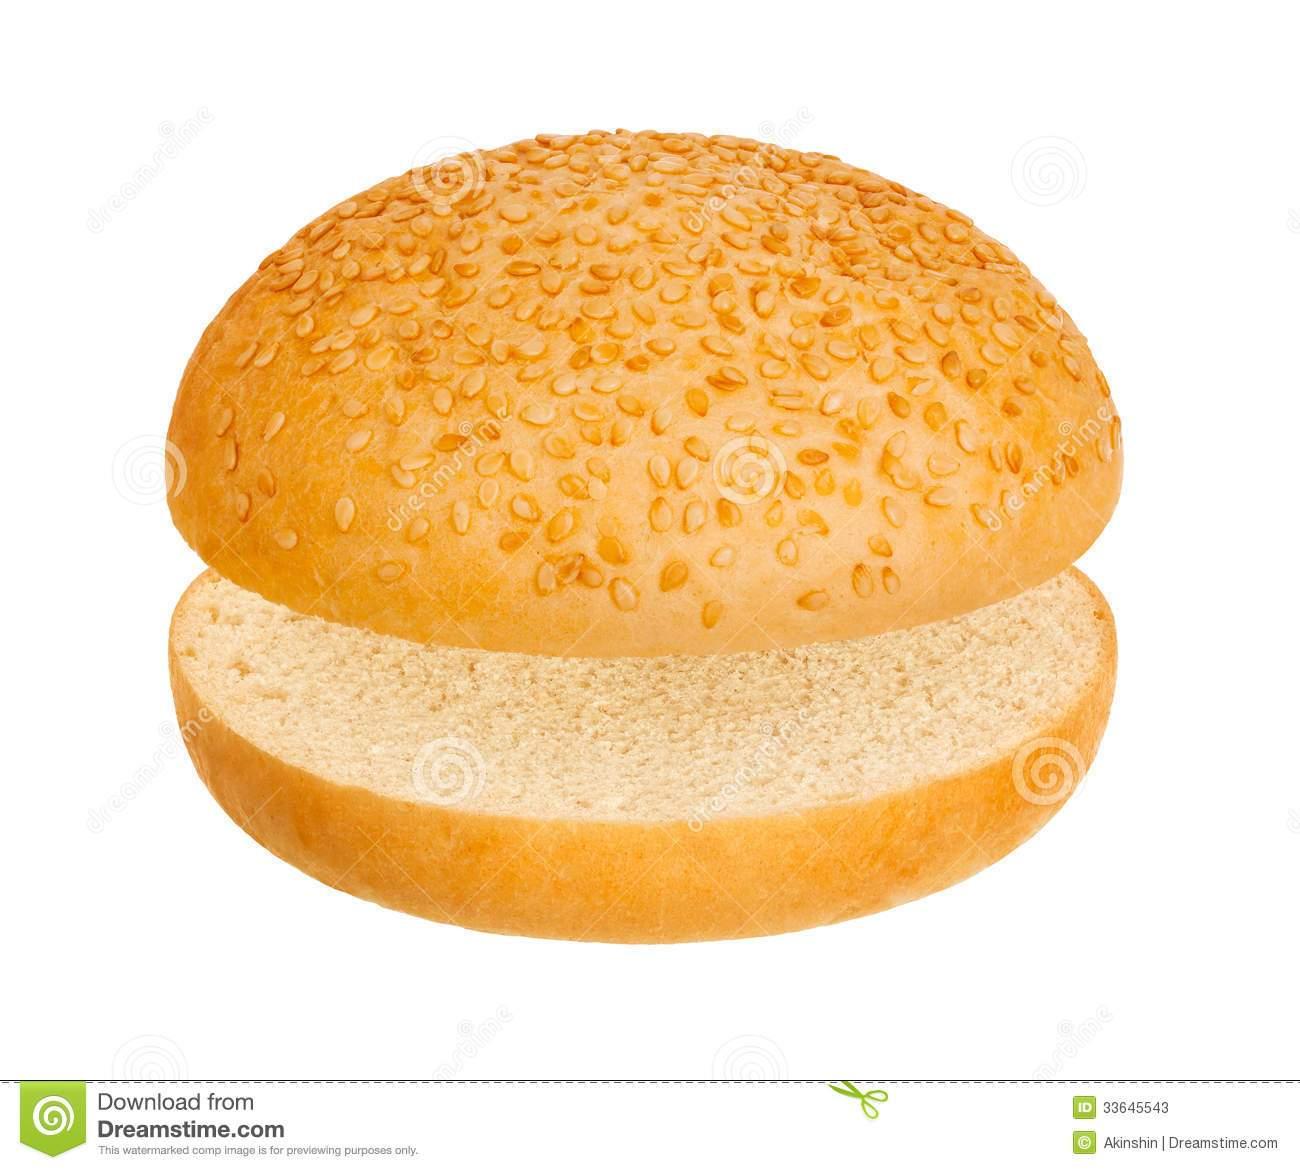 Hamburger buns clipart 1 » Clipart Portal.